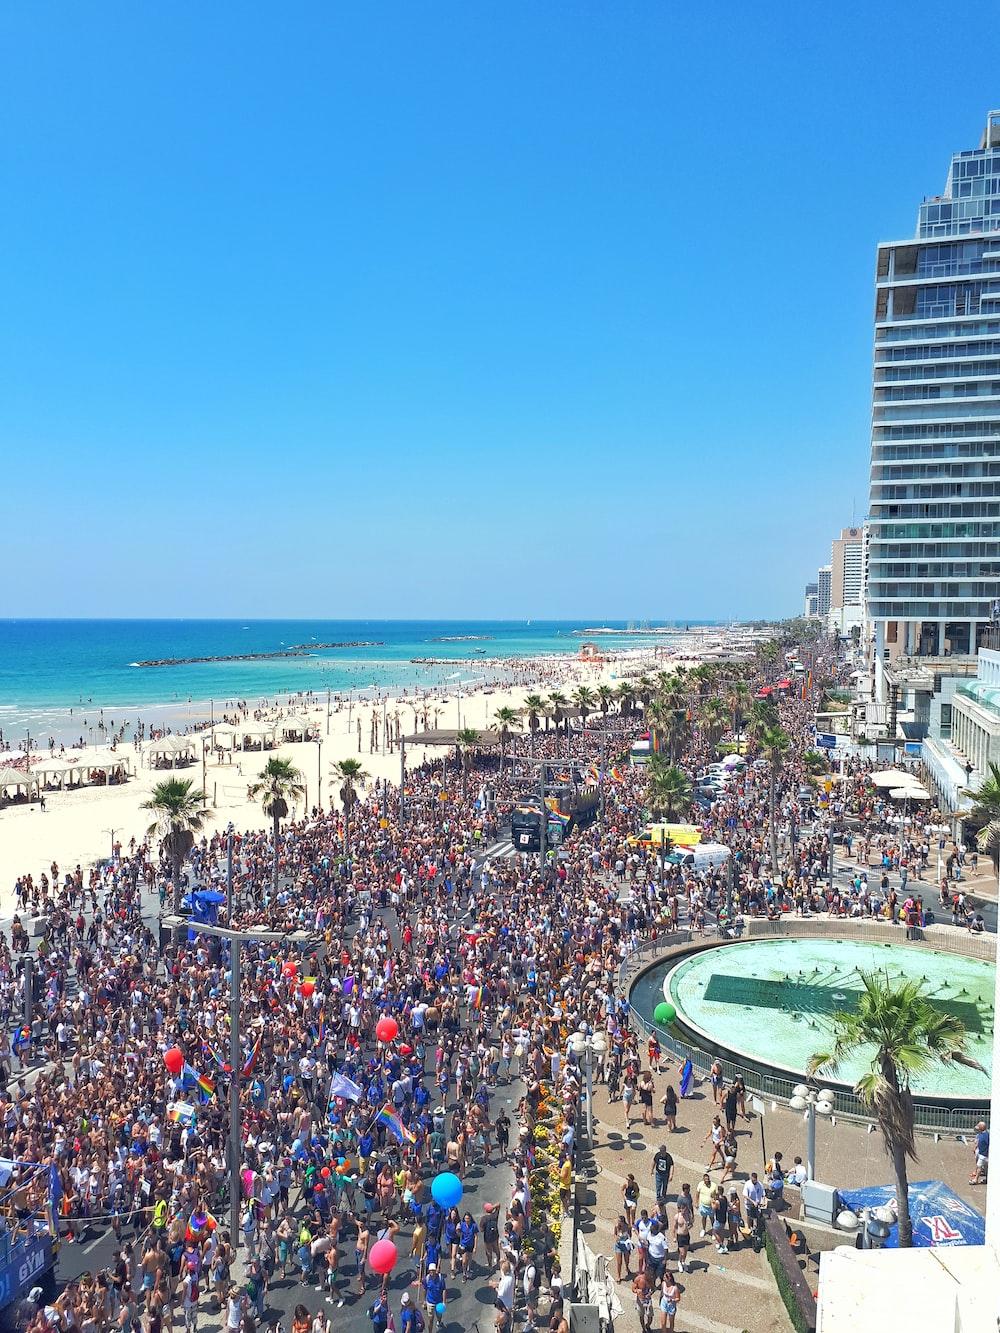 people on seashore beach